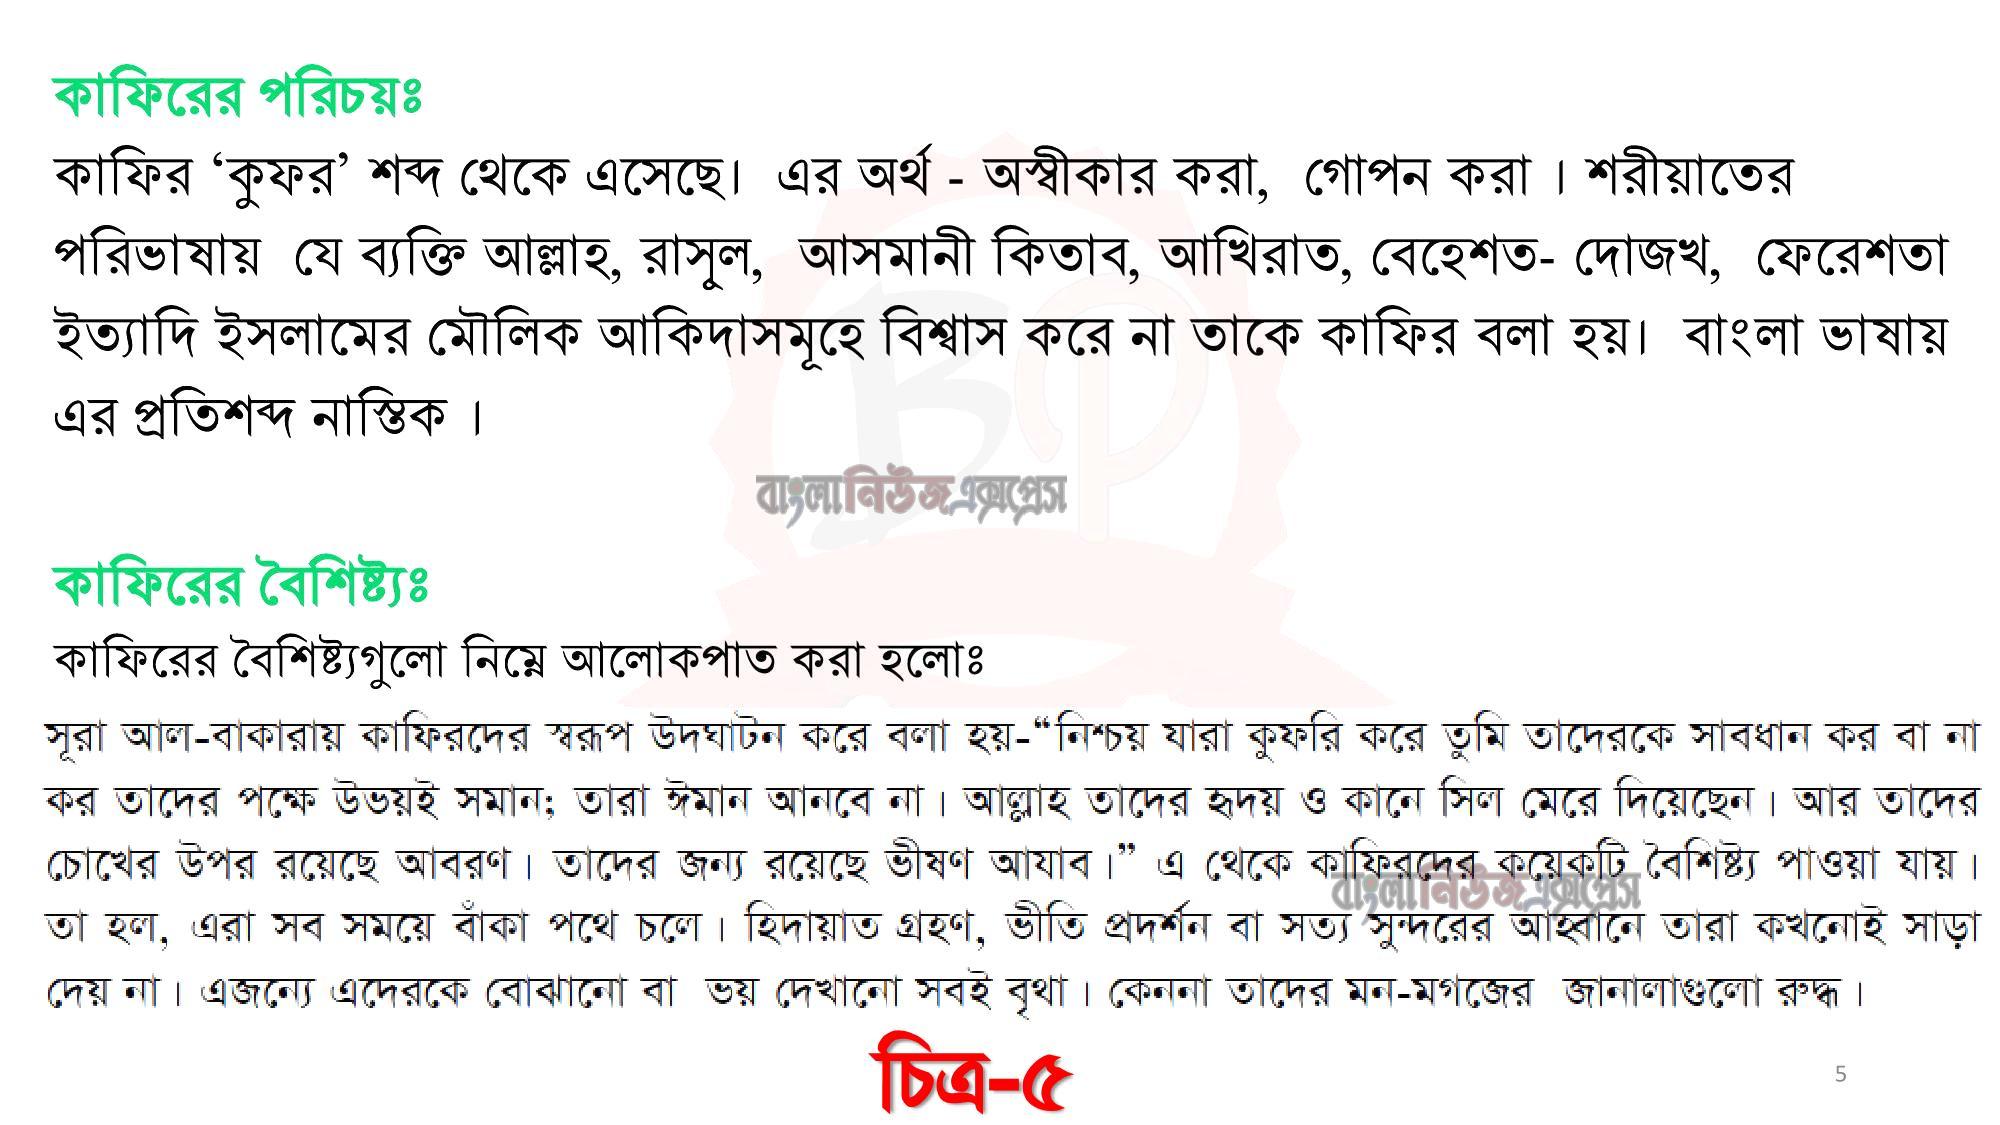 মুমিন, কাফির ও মুনাফিকের পরিচয়, বৈশিষ্ট্য এবং কর্মফল: প্রেক্ষিত সুরা আল-বাকারাহর প্রথম তিন রুকুর https://www.banglanewsexpress.com/